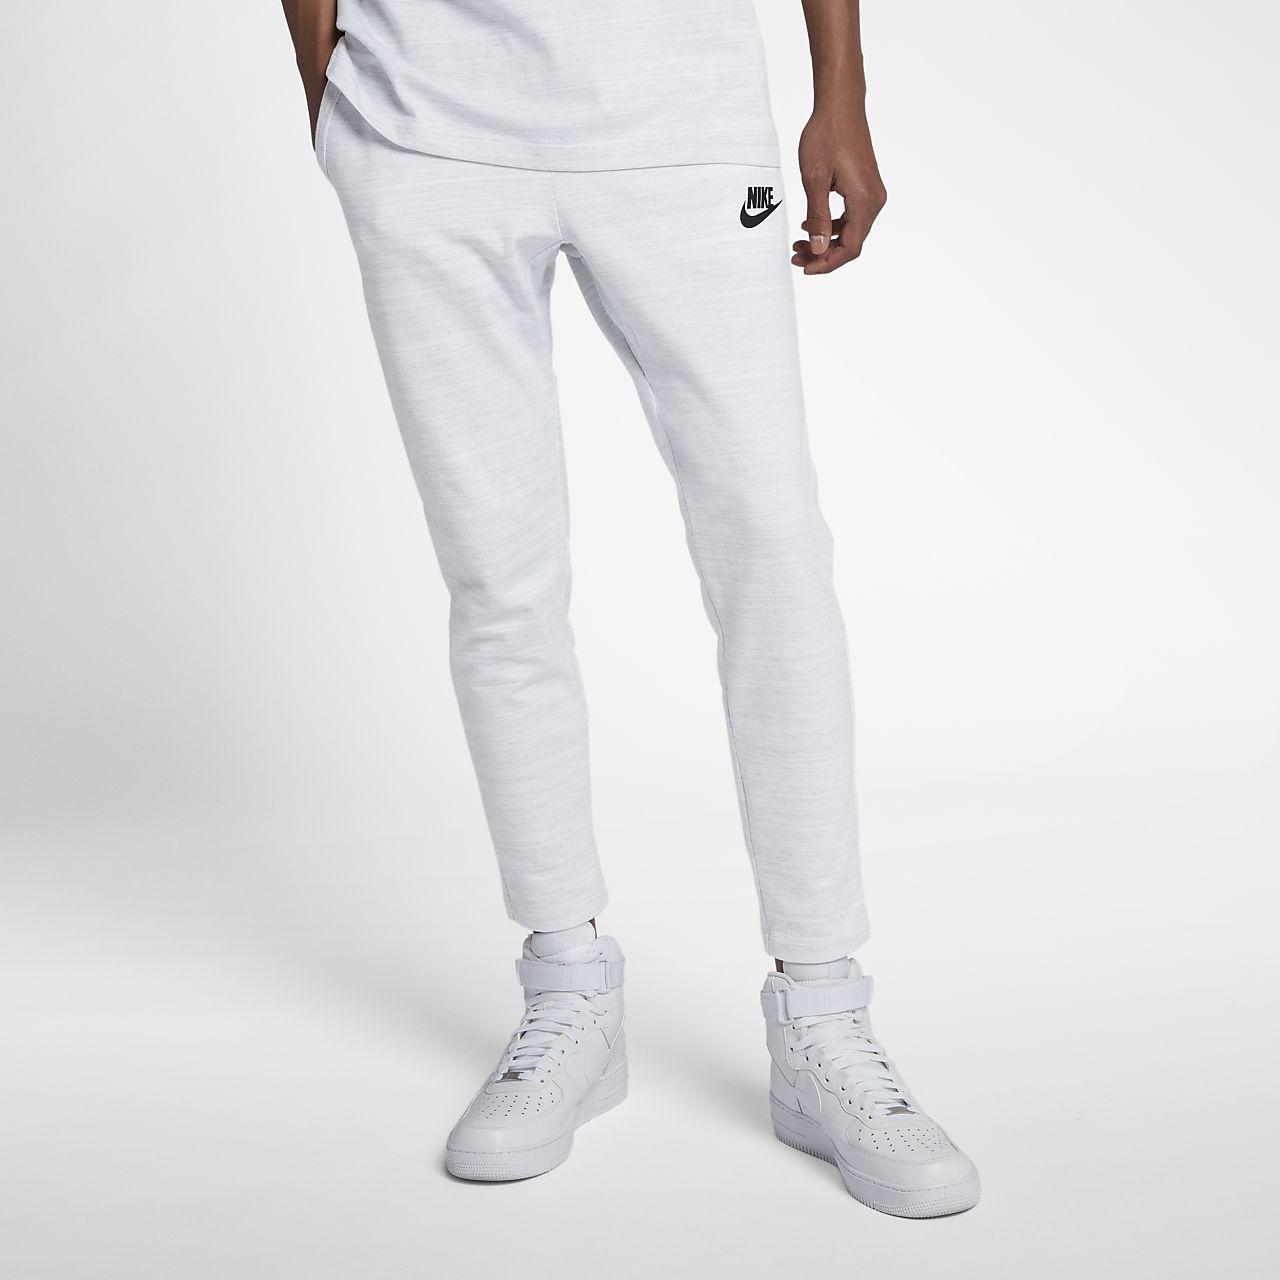 Nike RFU qLWYjG61U